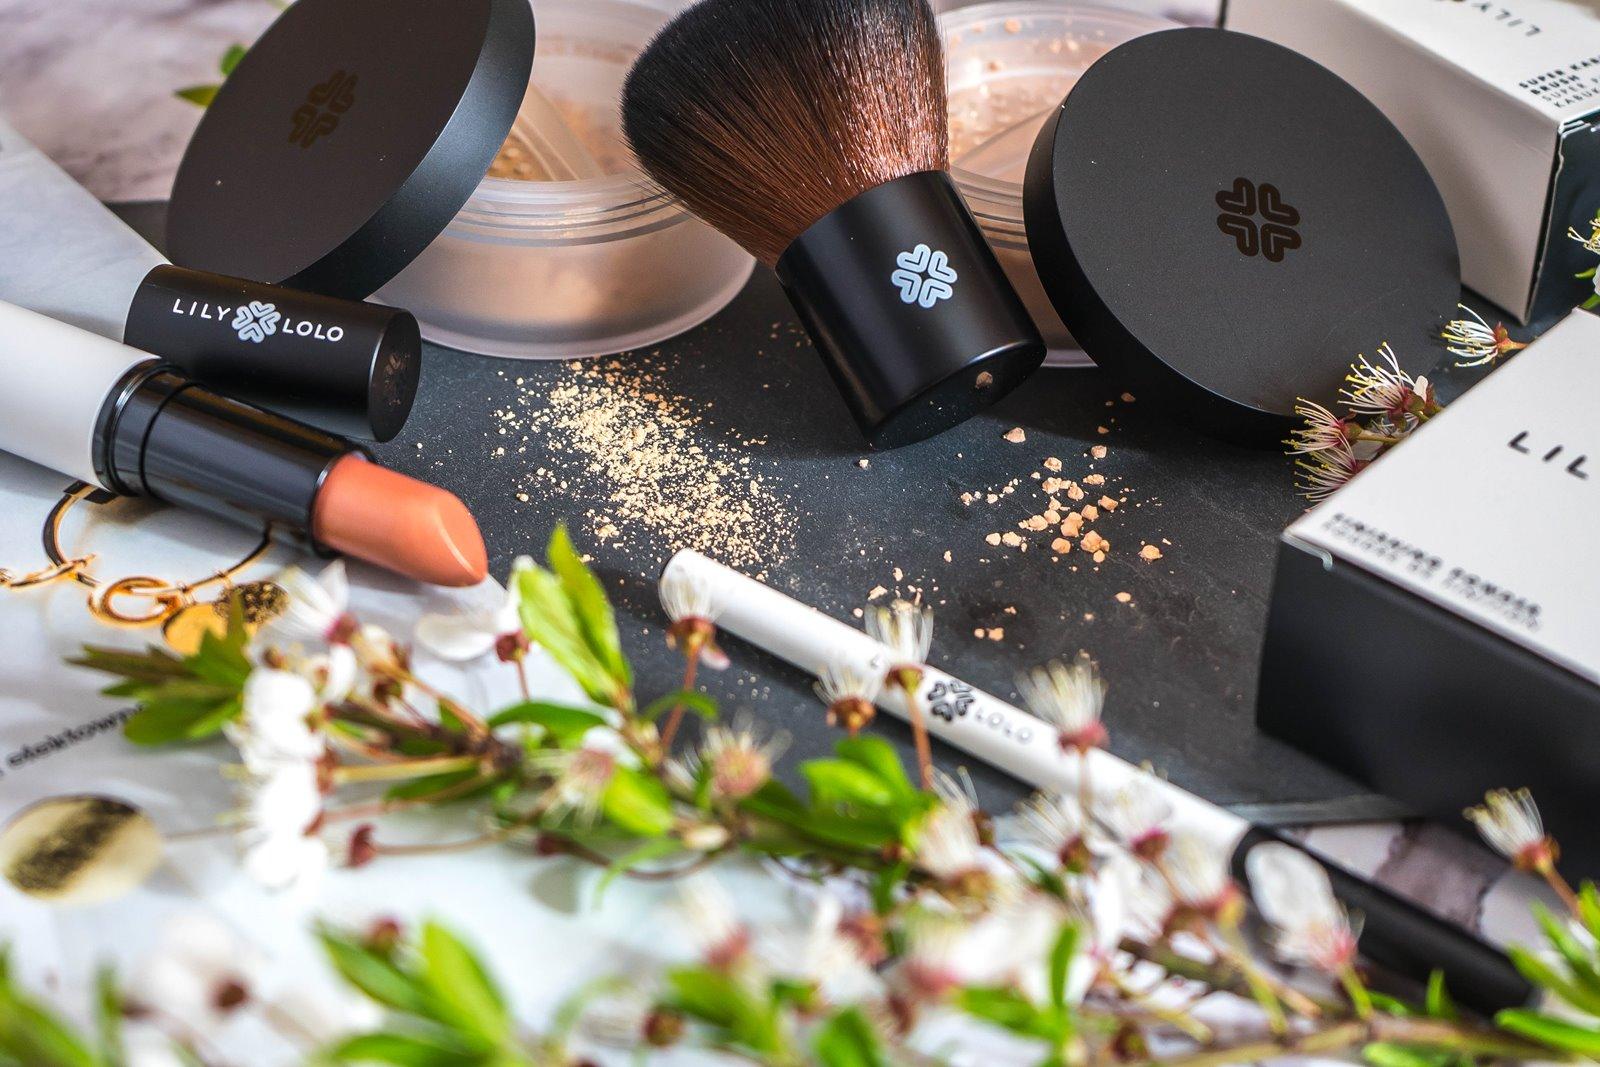 1 jak nakładać kosmetyki mineralne lily lolo opinia recenzja jak stosować puder matujący pędzel super kabuki cena blog szminka naturalne kosmetyki dla wegan puder mineralny podkład kredka do oczu szminka